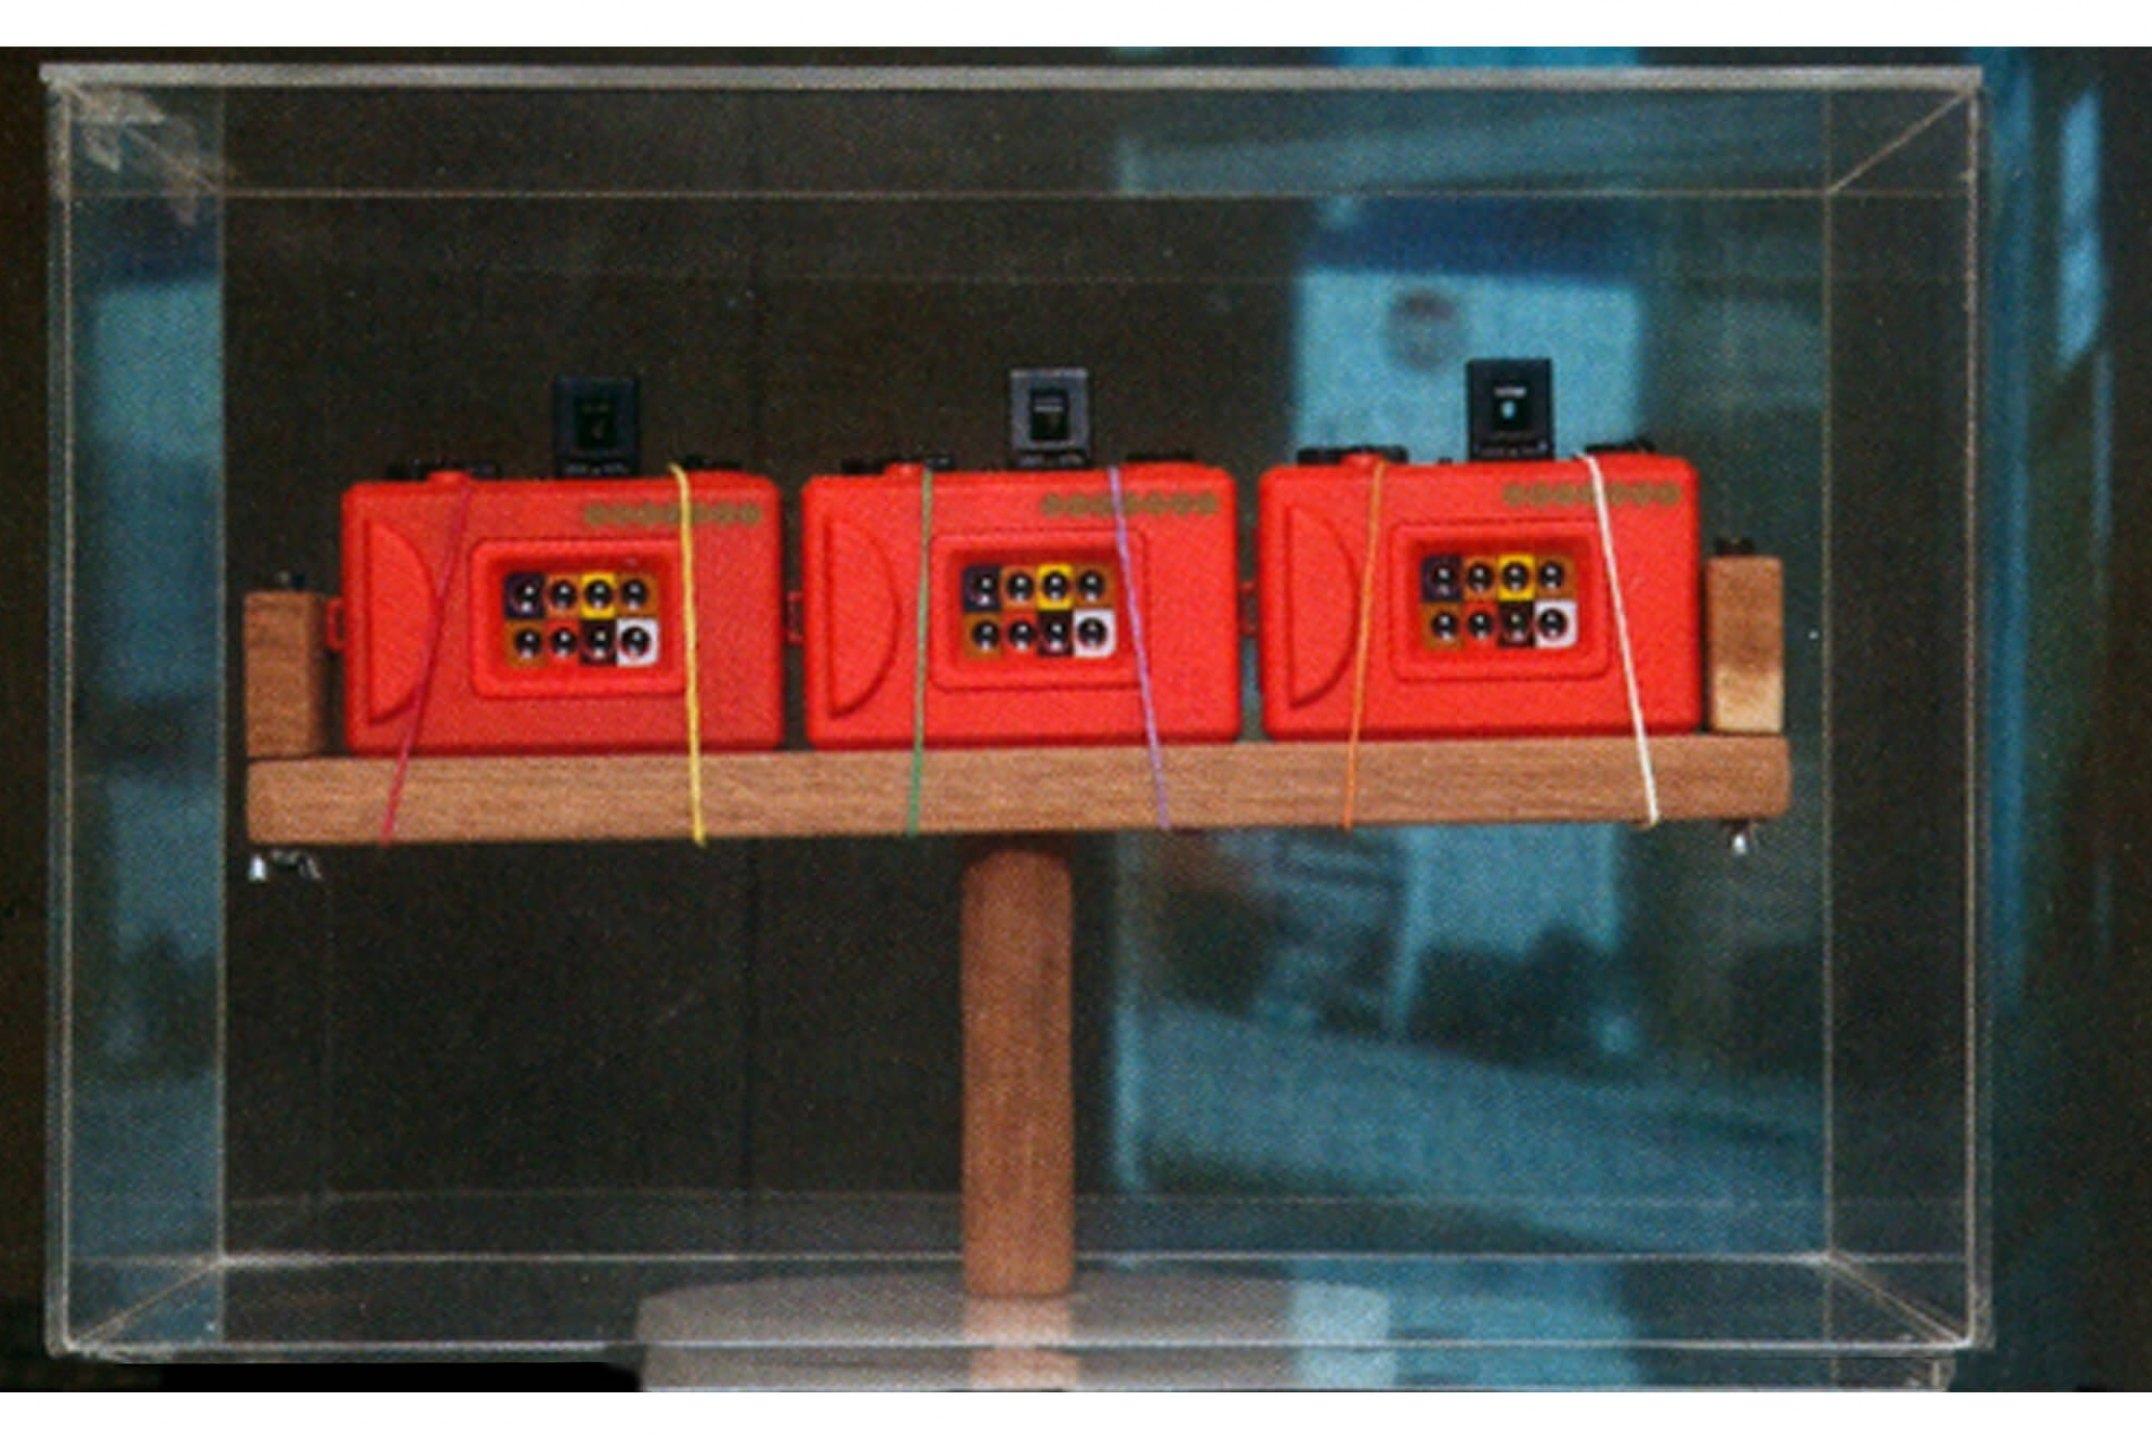 Leticia Ramos, <em>Câmera Cronópios</em>, 2008, object, 70 × 50 × 20 cm - Mendes Wood DM